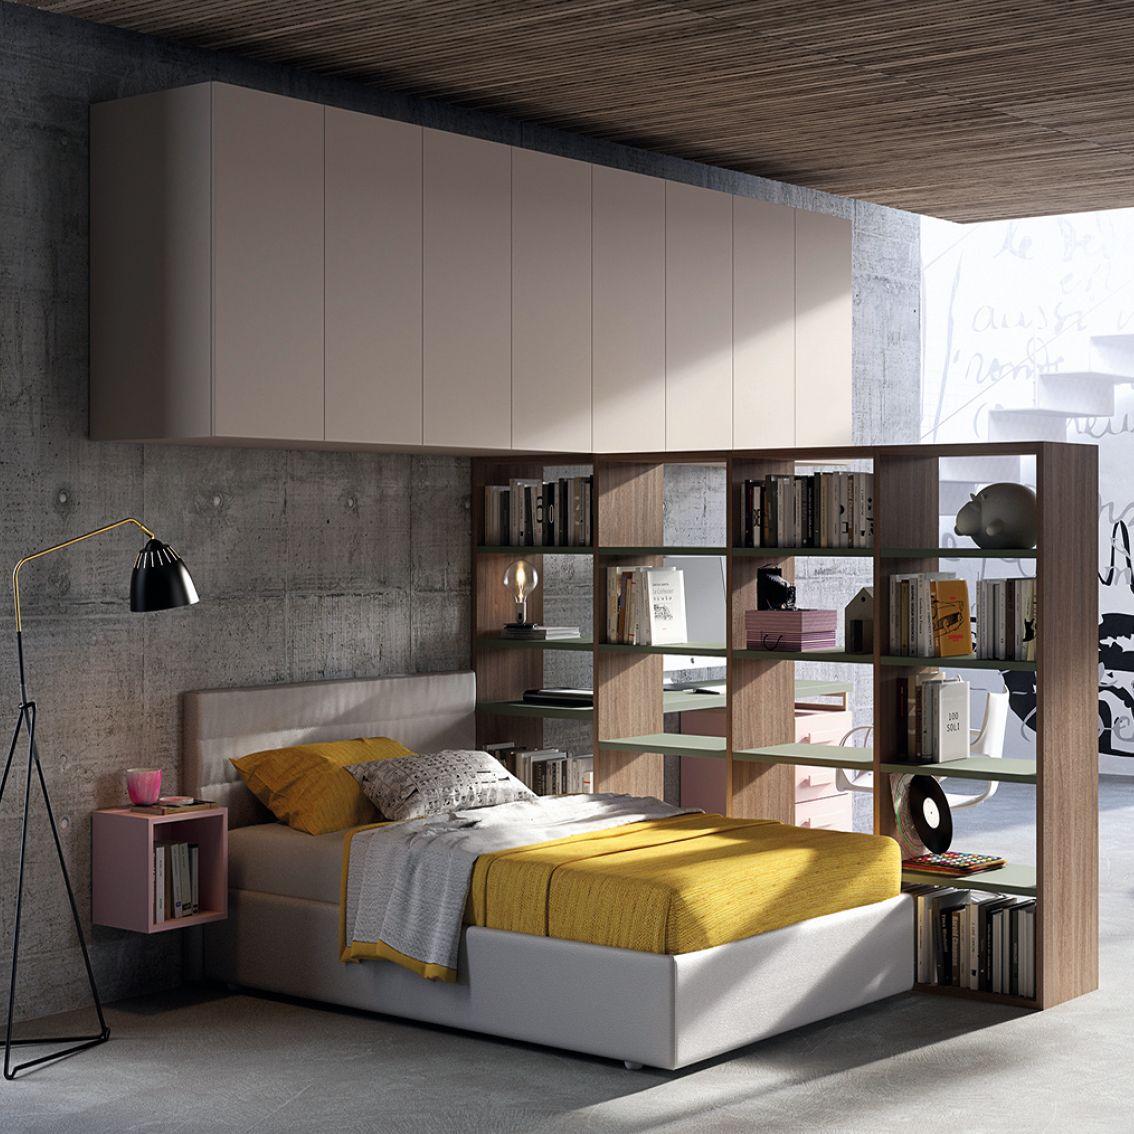 Semeraro camerette da anni arreda la stanza di ragazzi e bambini con mobili. 44 Idee Su Camerette Nel 2021 Arredamento Arredamento Casa Mobili